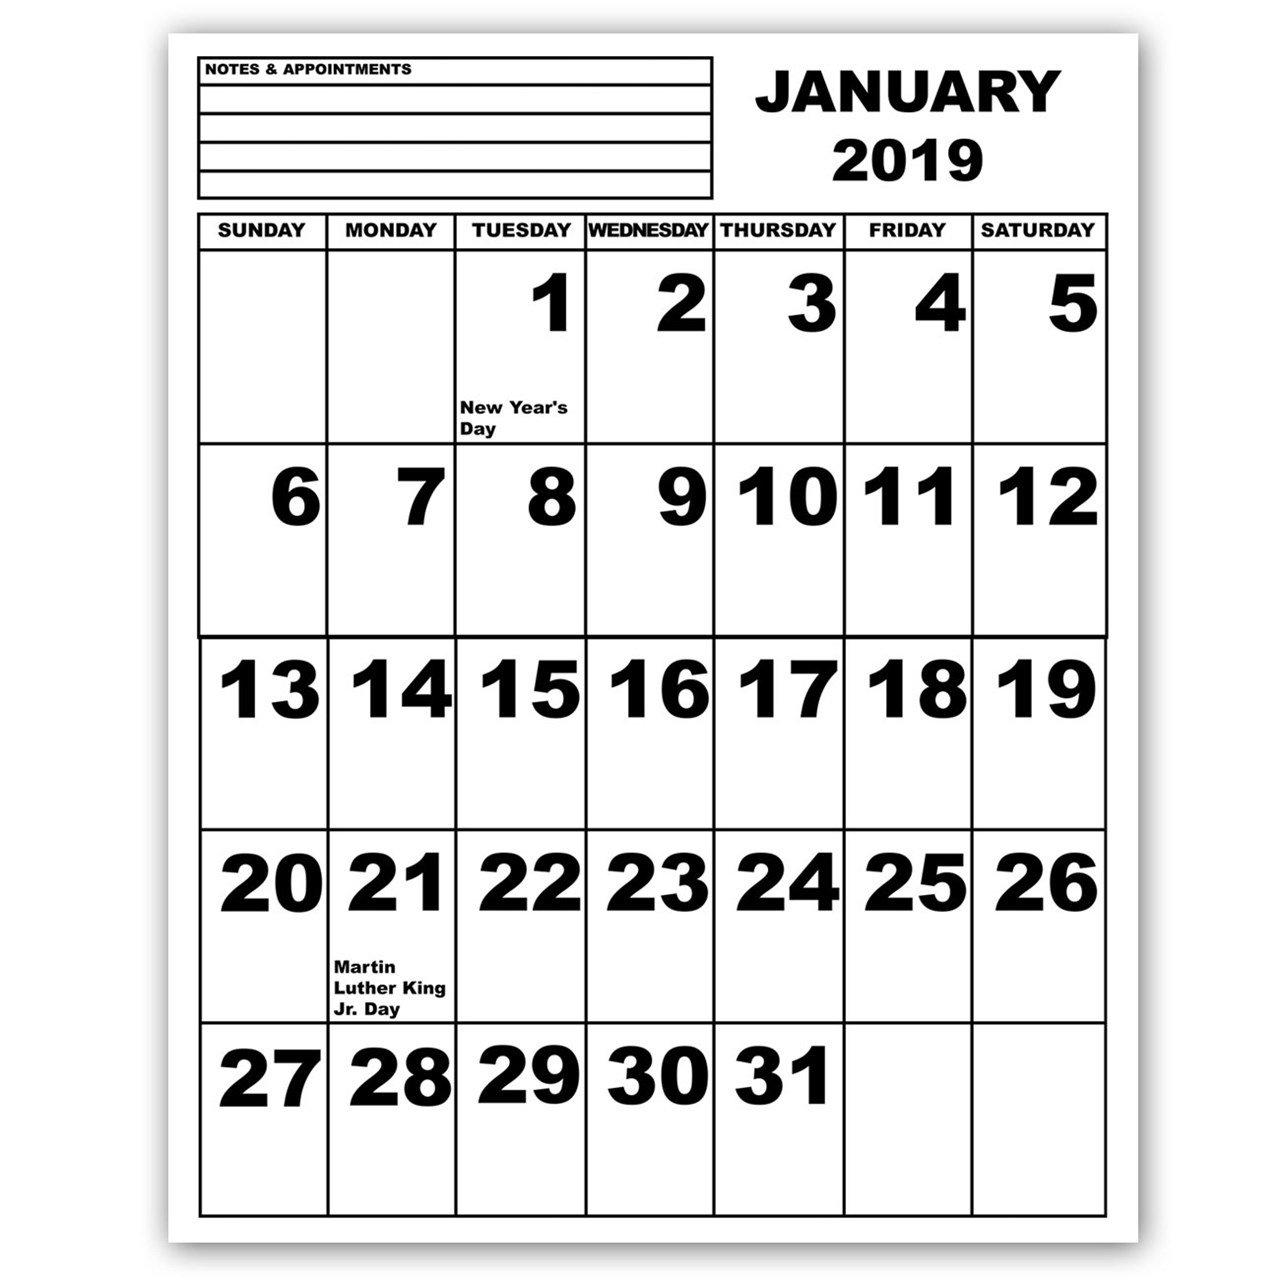 Maxiaids | Jumbo Print Calendar - 2019 Zeiss Calendar 2019